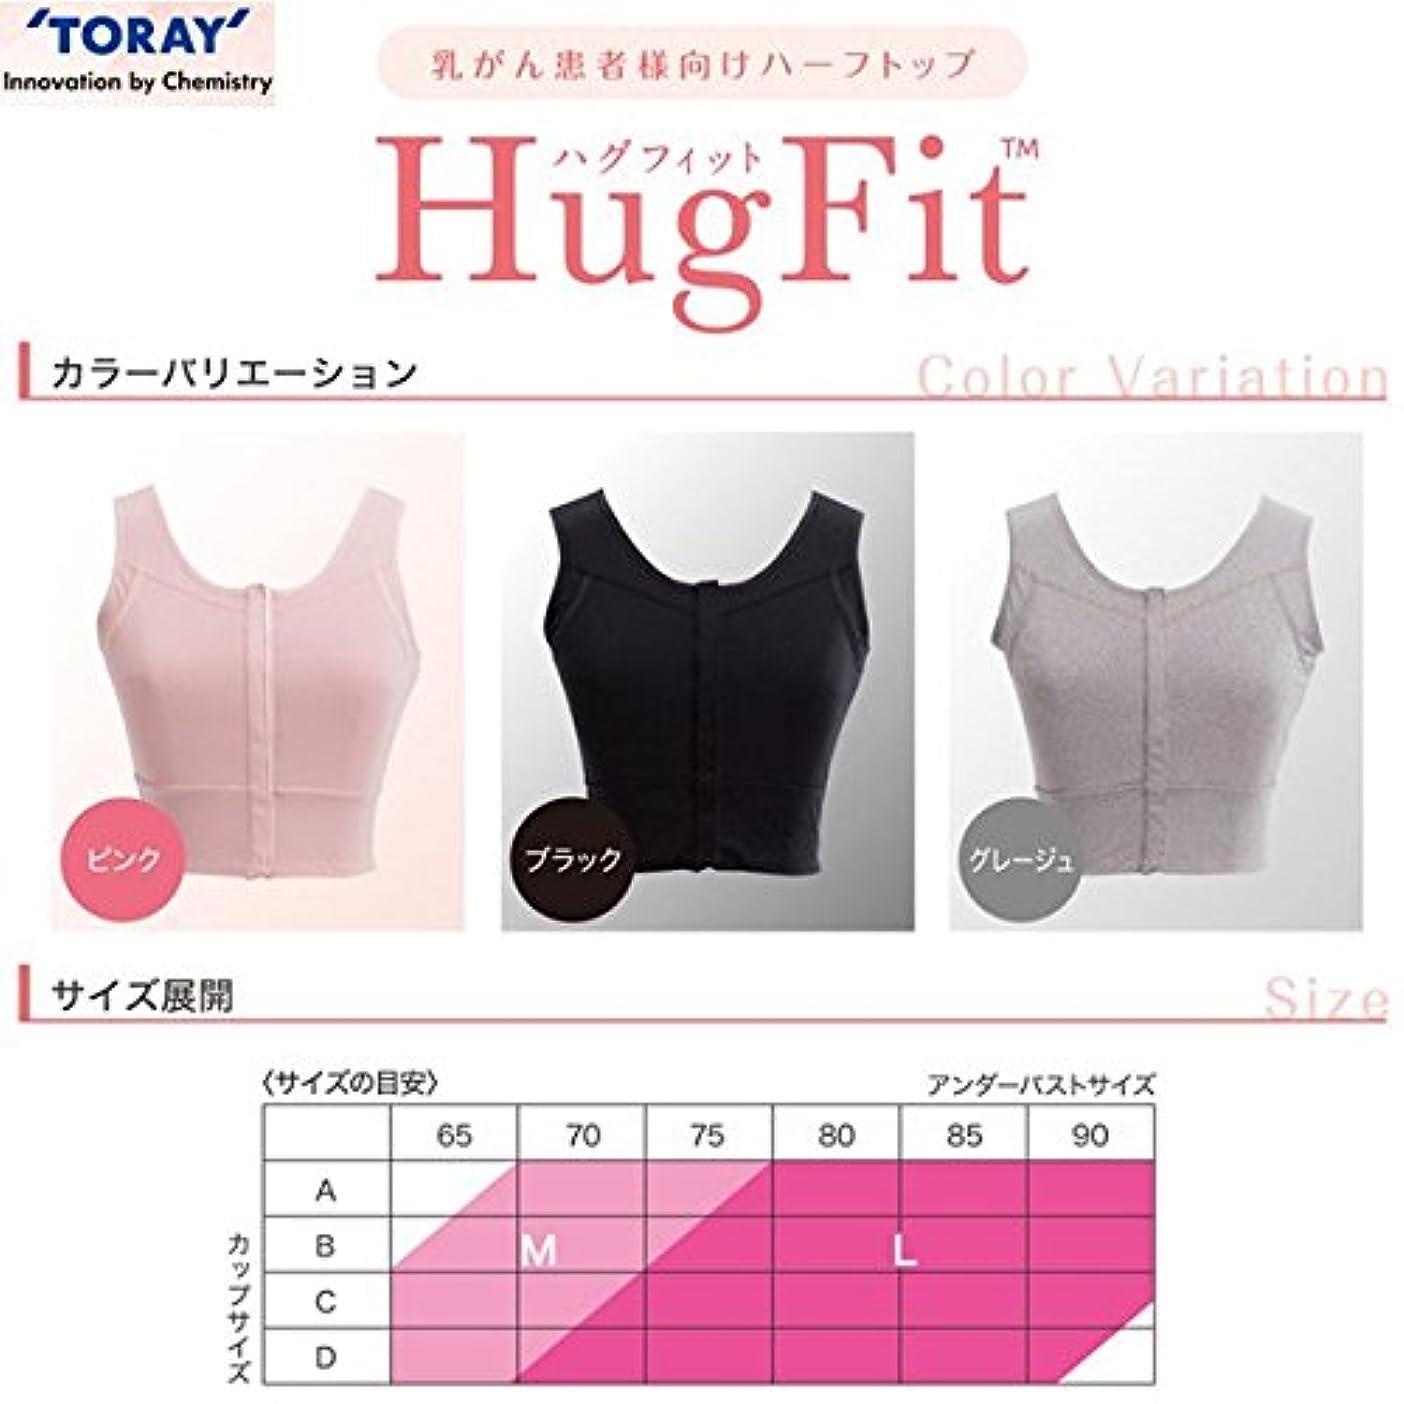 送信する心臓節約するハグフィット HugFit ブラック Mサイズ 東レ?メディカル